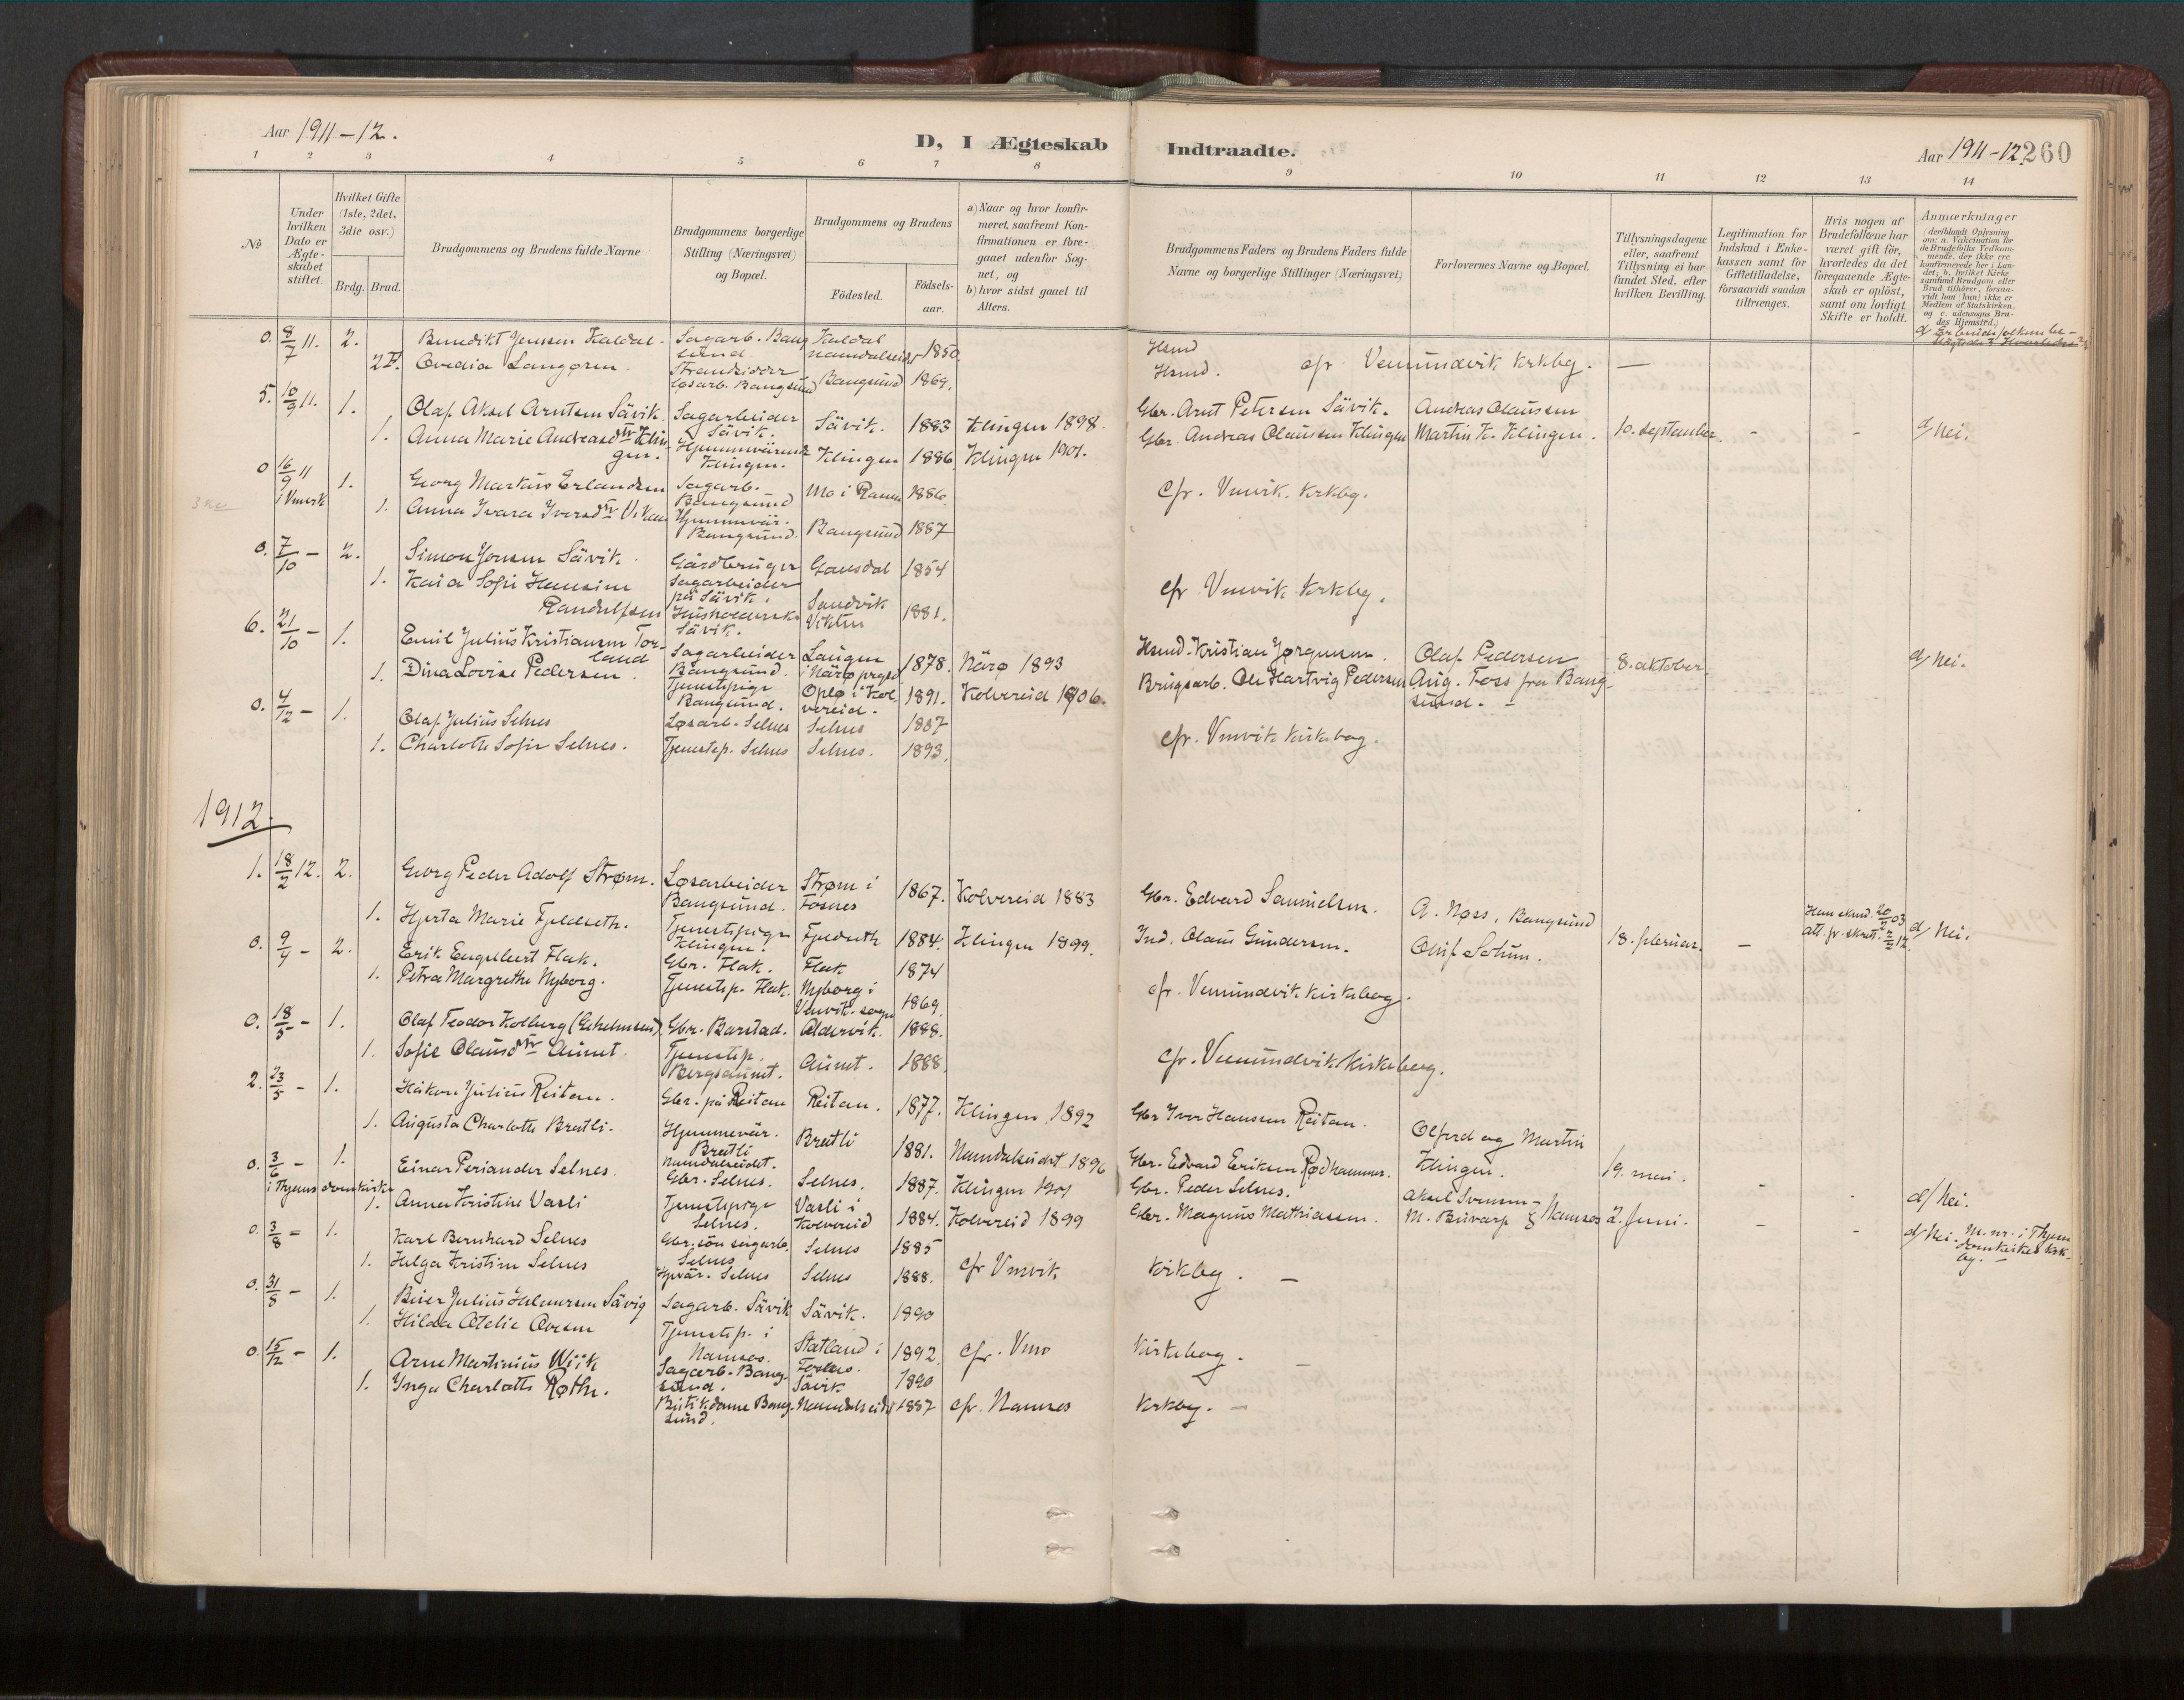 SAT, Ministerialprotokoller, klokkerbøker og fødselsregistre - Nord-Trøndelag, 770/L0589: Ministerialbok nr. 770A03, 1887-1929, s. 260